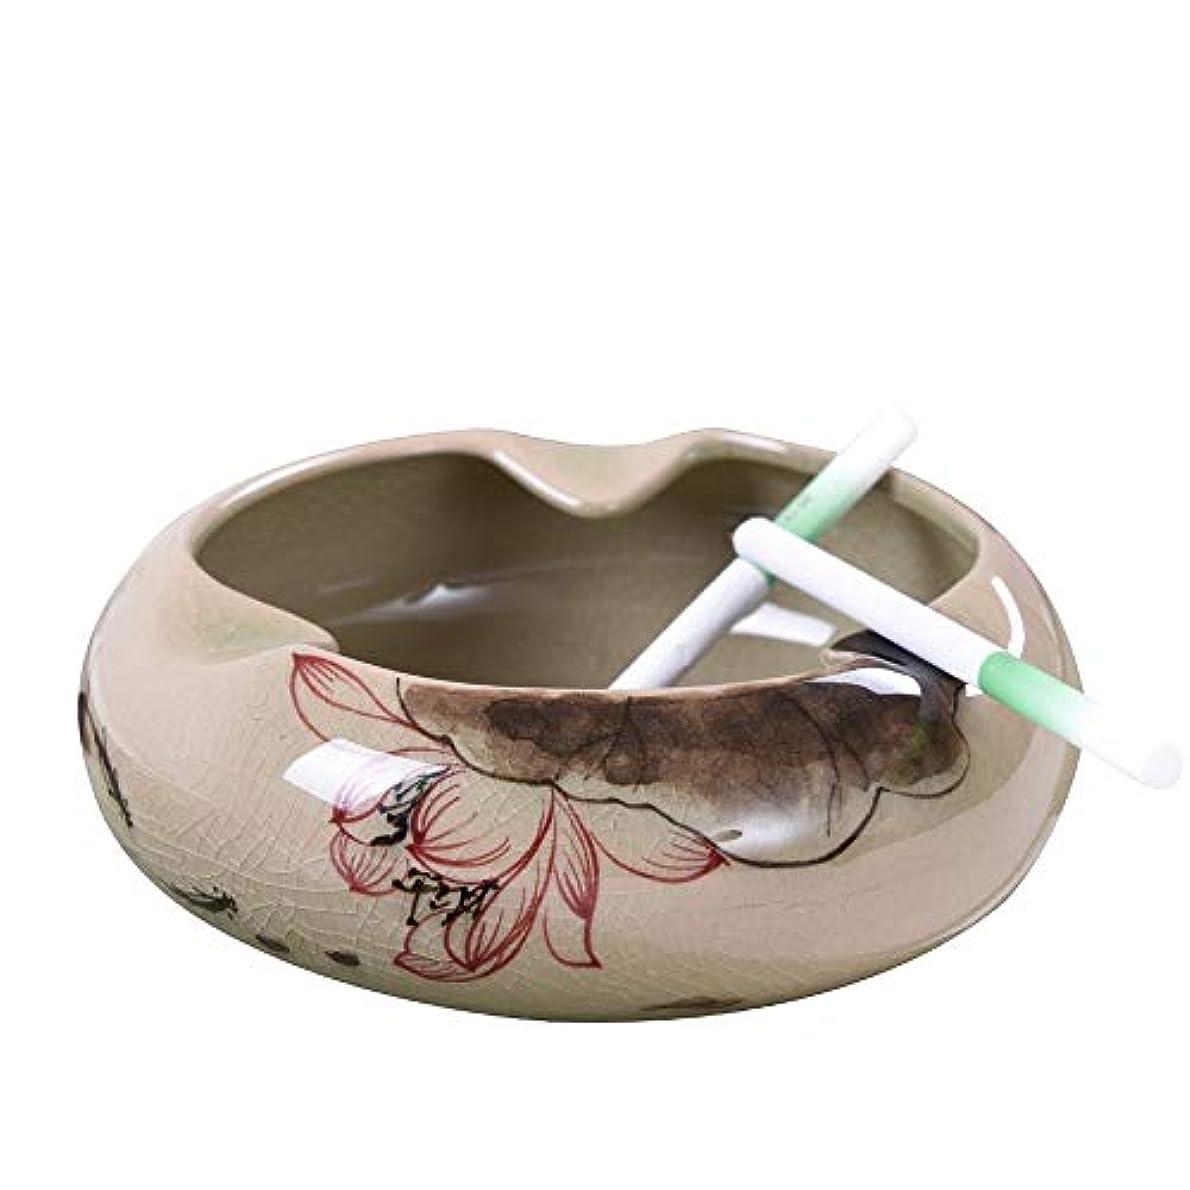 に対処する恐れる私たちセラミック灰皿中国のレトロな手描きの創造的な人格の傾向中国風のリビングルームのコーヒーテーブルホームふた付き灰皿